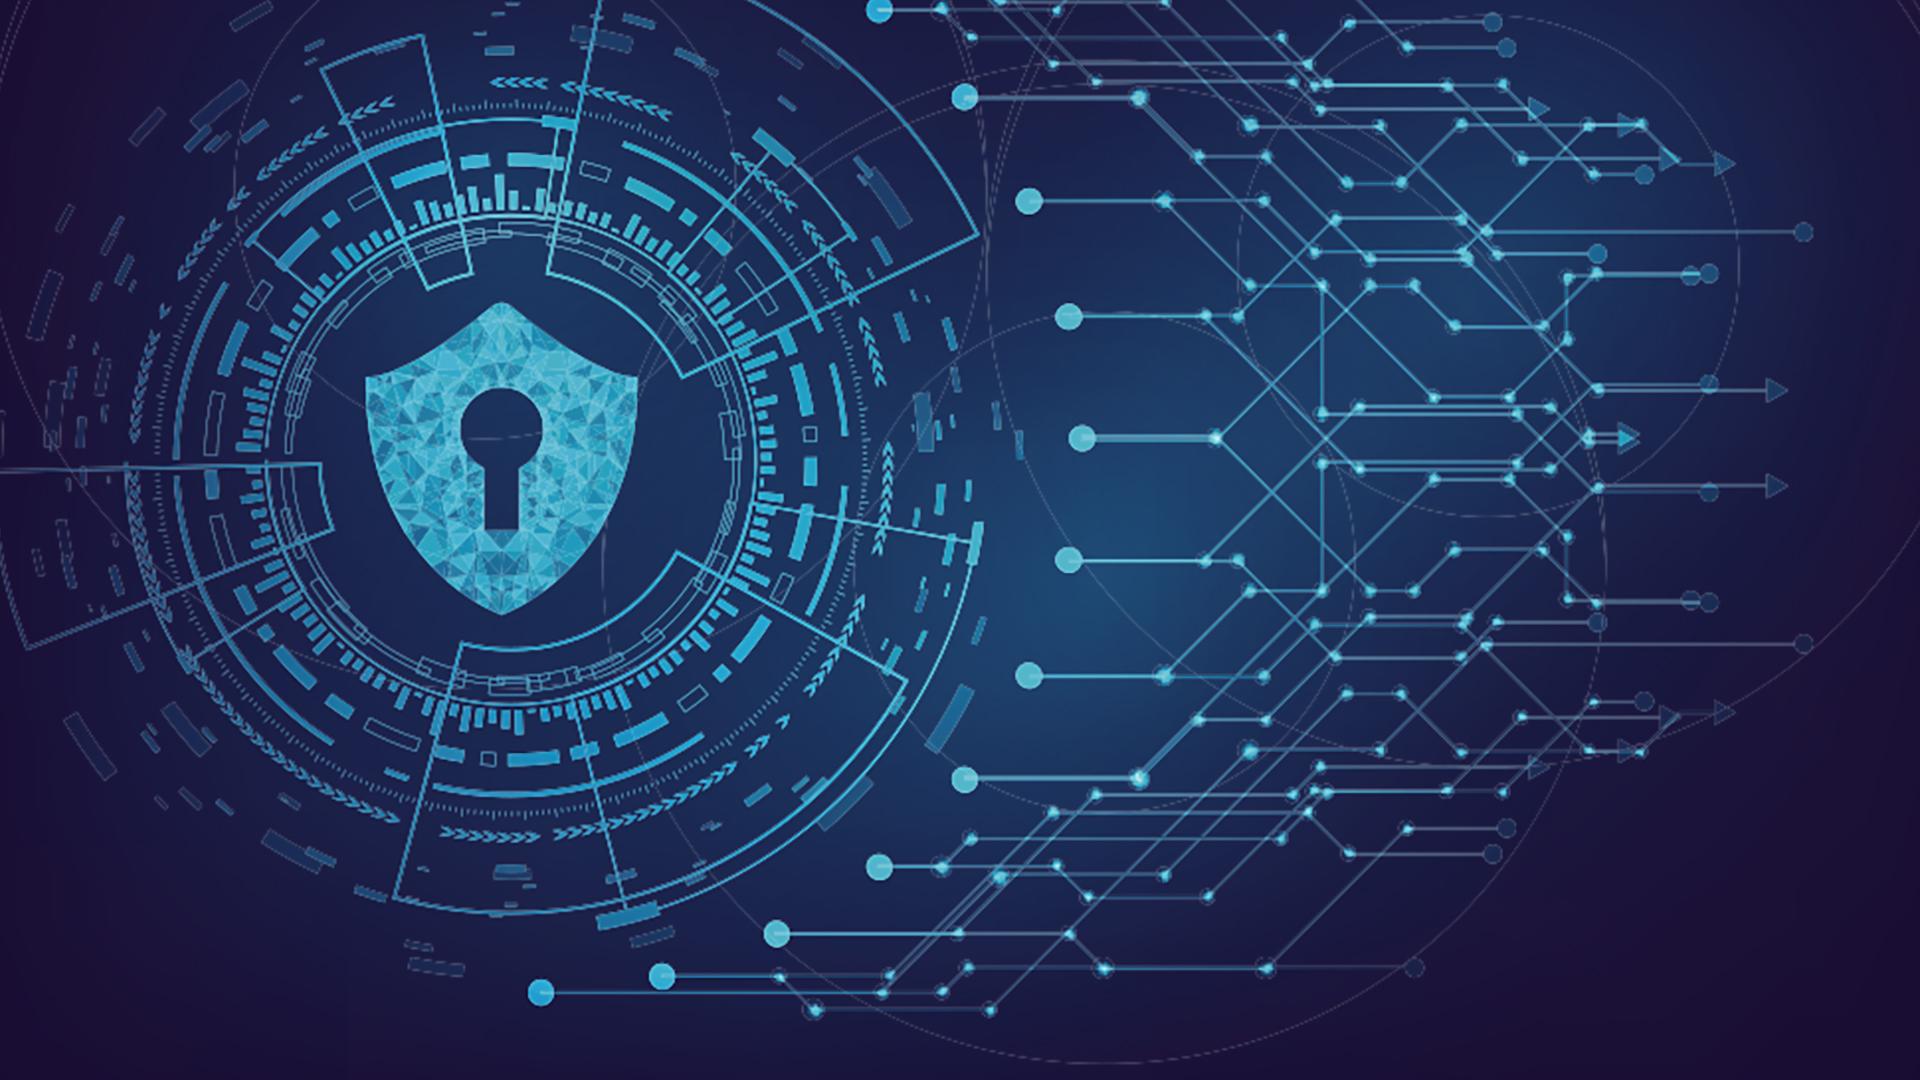 Internet, Sicherheit, Sicherheitslücke, Hacker, Security, Hack, Angriff, Privatsphäre, Virus, Kriminalität, Verschlüsselung, Hacking, Cybersecurity, Internetkriminalität, Kryptographie, Hacker Angriffe, Ransom, Schlüssel, Ende-zu-Ende-Verschlüsselung, schloss, Verschlüsselungssoftware, Kryptografie, Lock